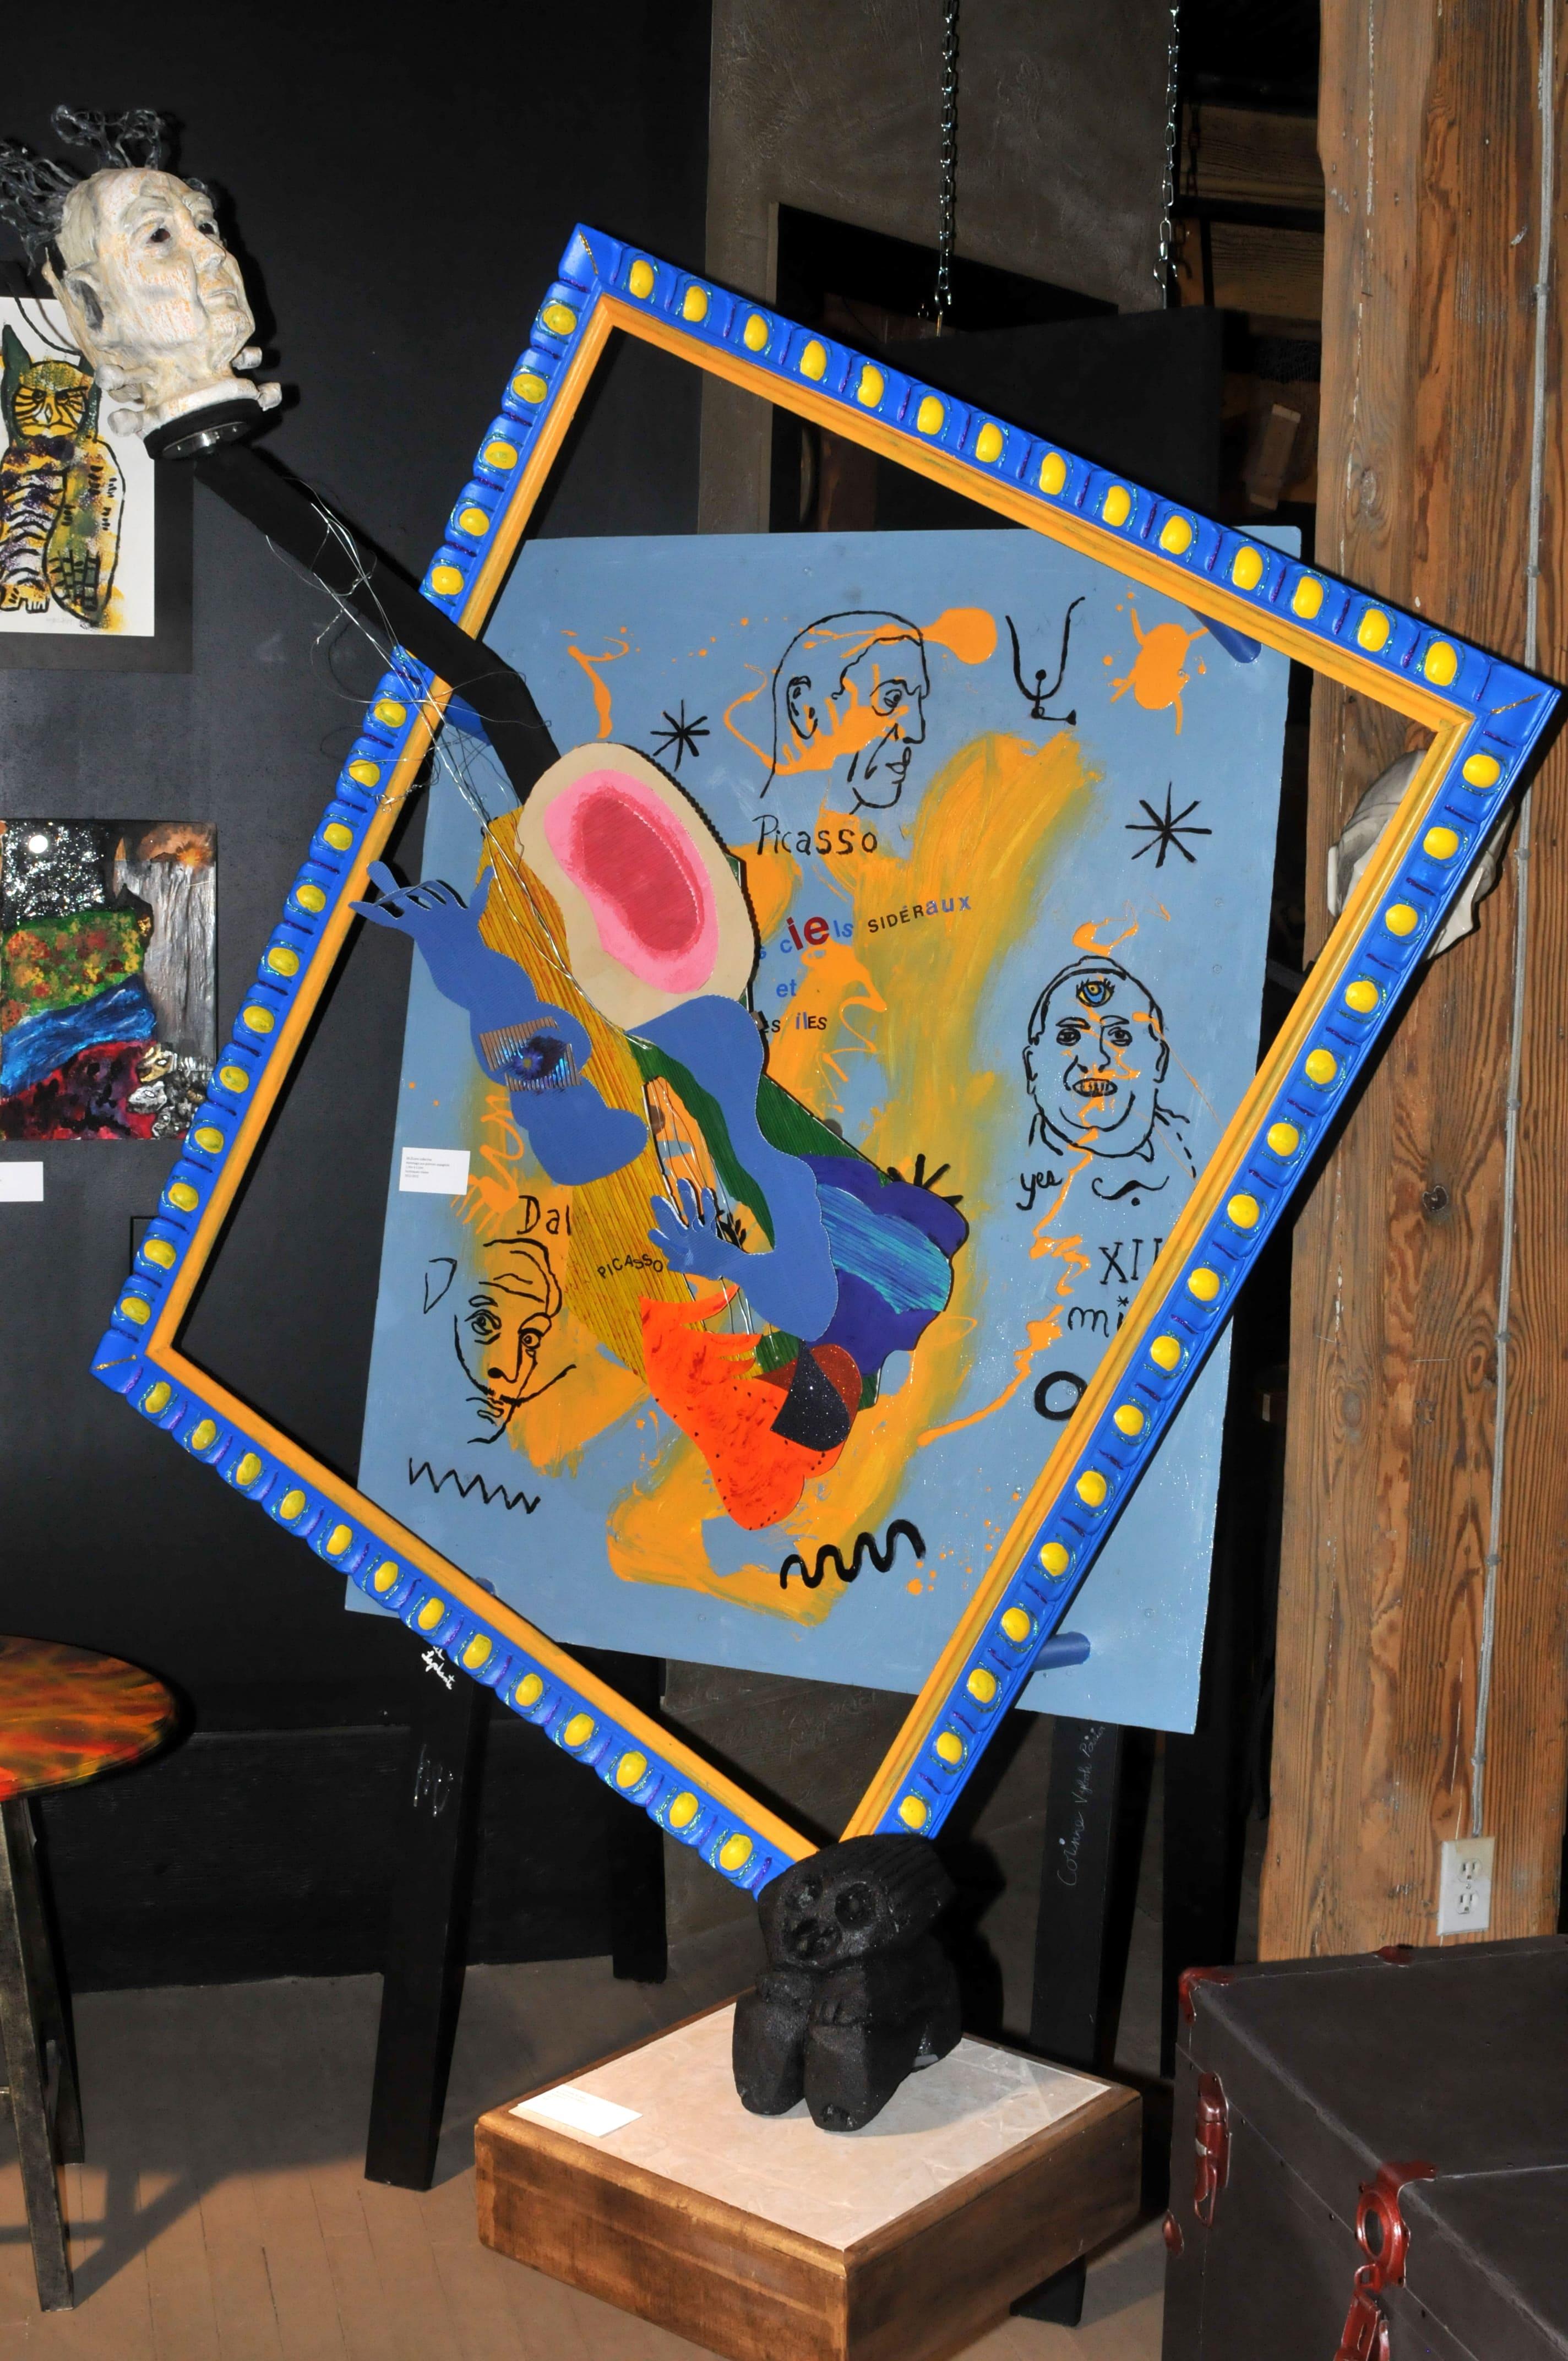 Hommage aux peintres espagnoles